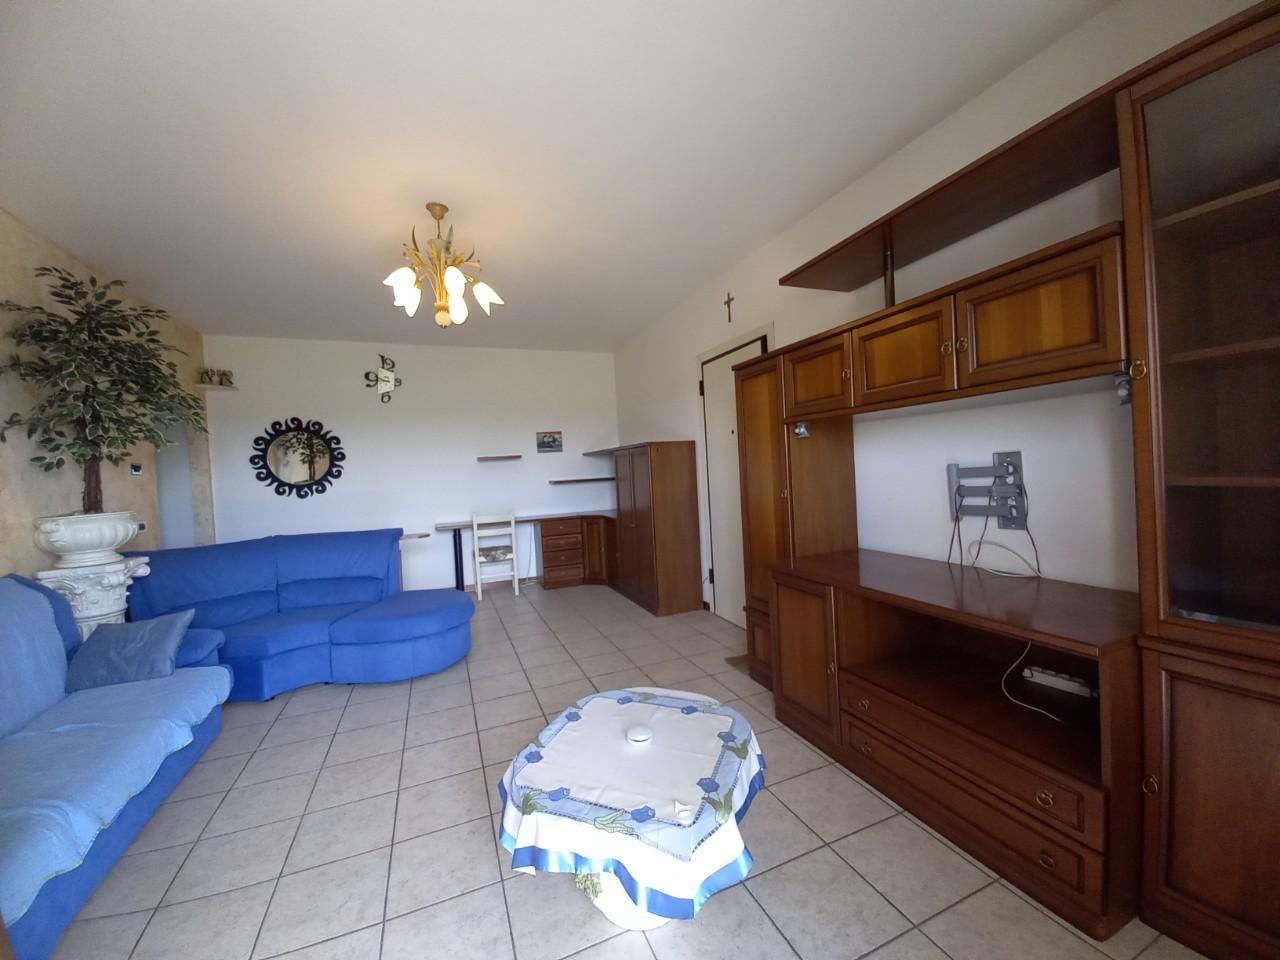 Appartamento in vendita Ravenna Zona San Pietro in Vincoli